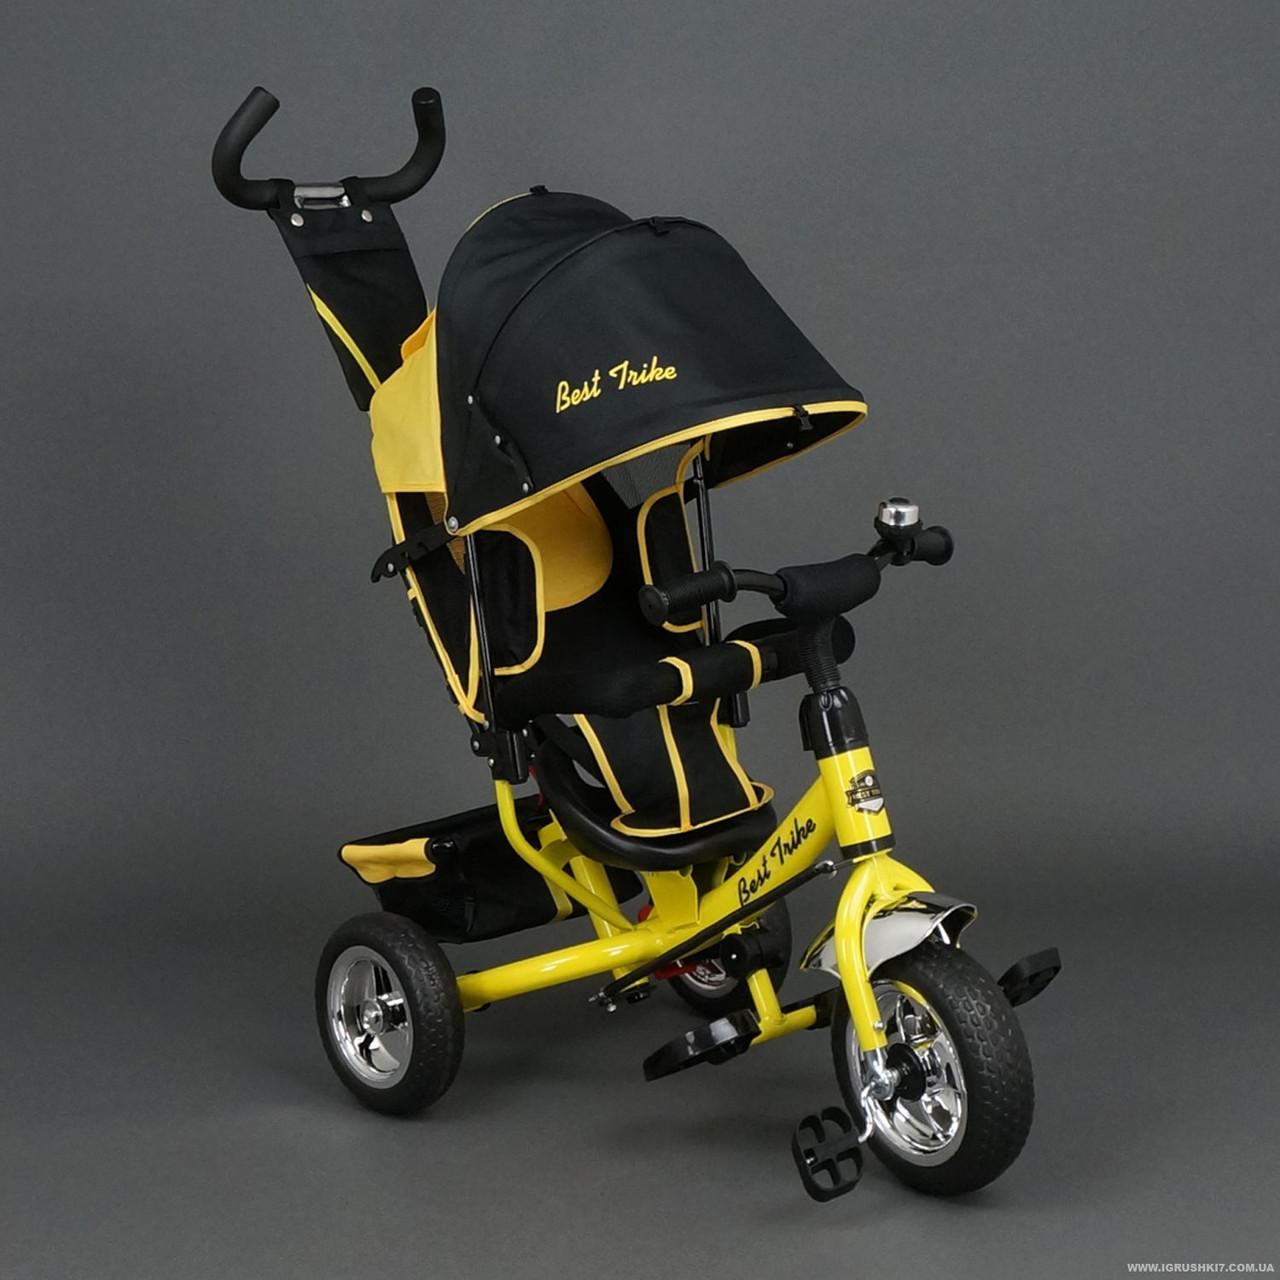 Дитячий триколісний велосипед Best Trike 6588 жовтий